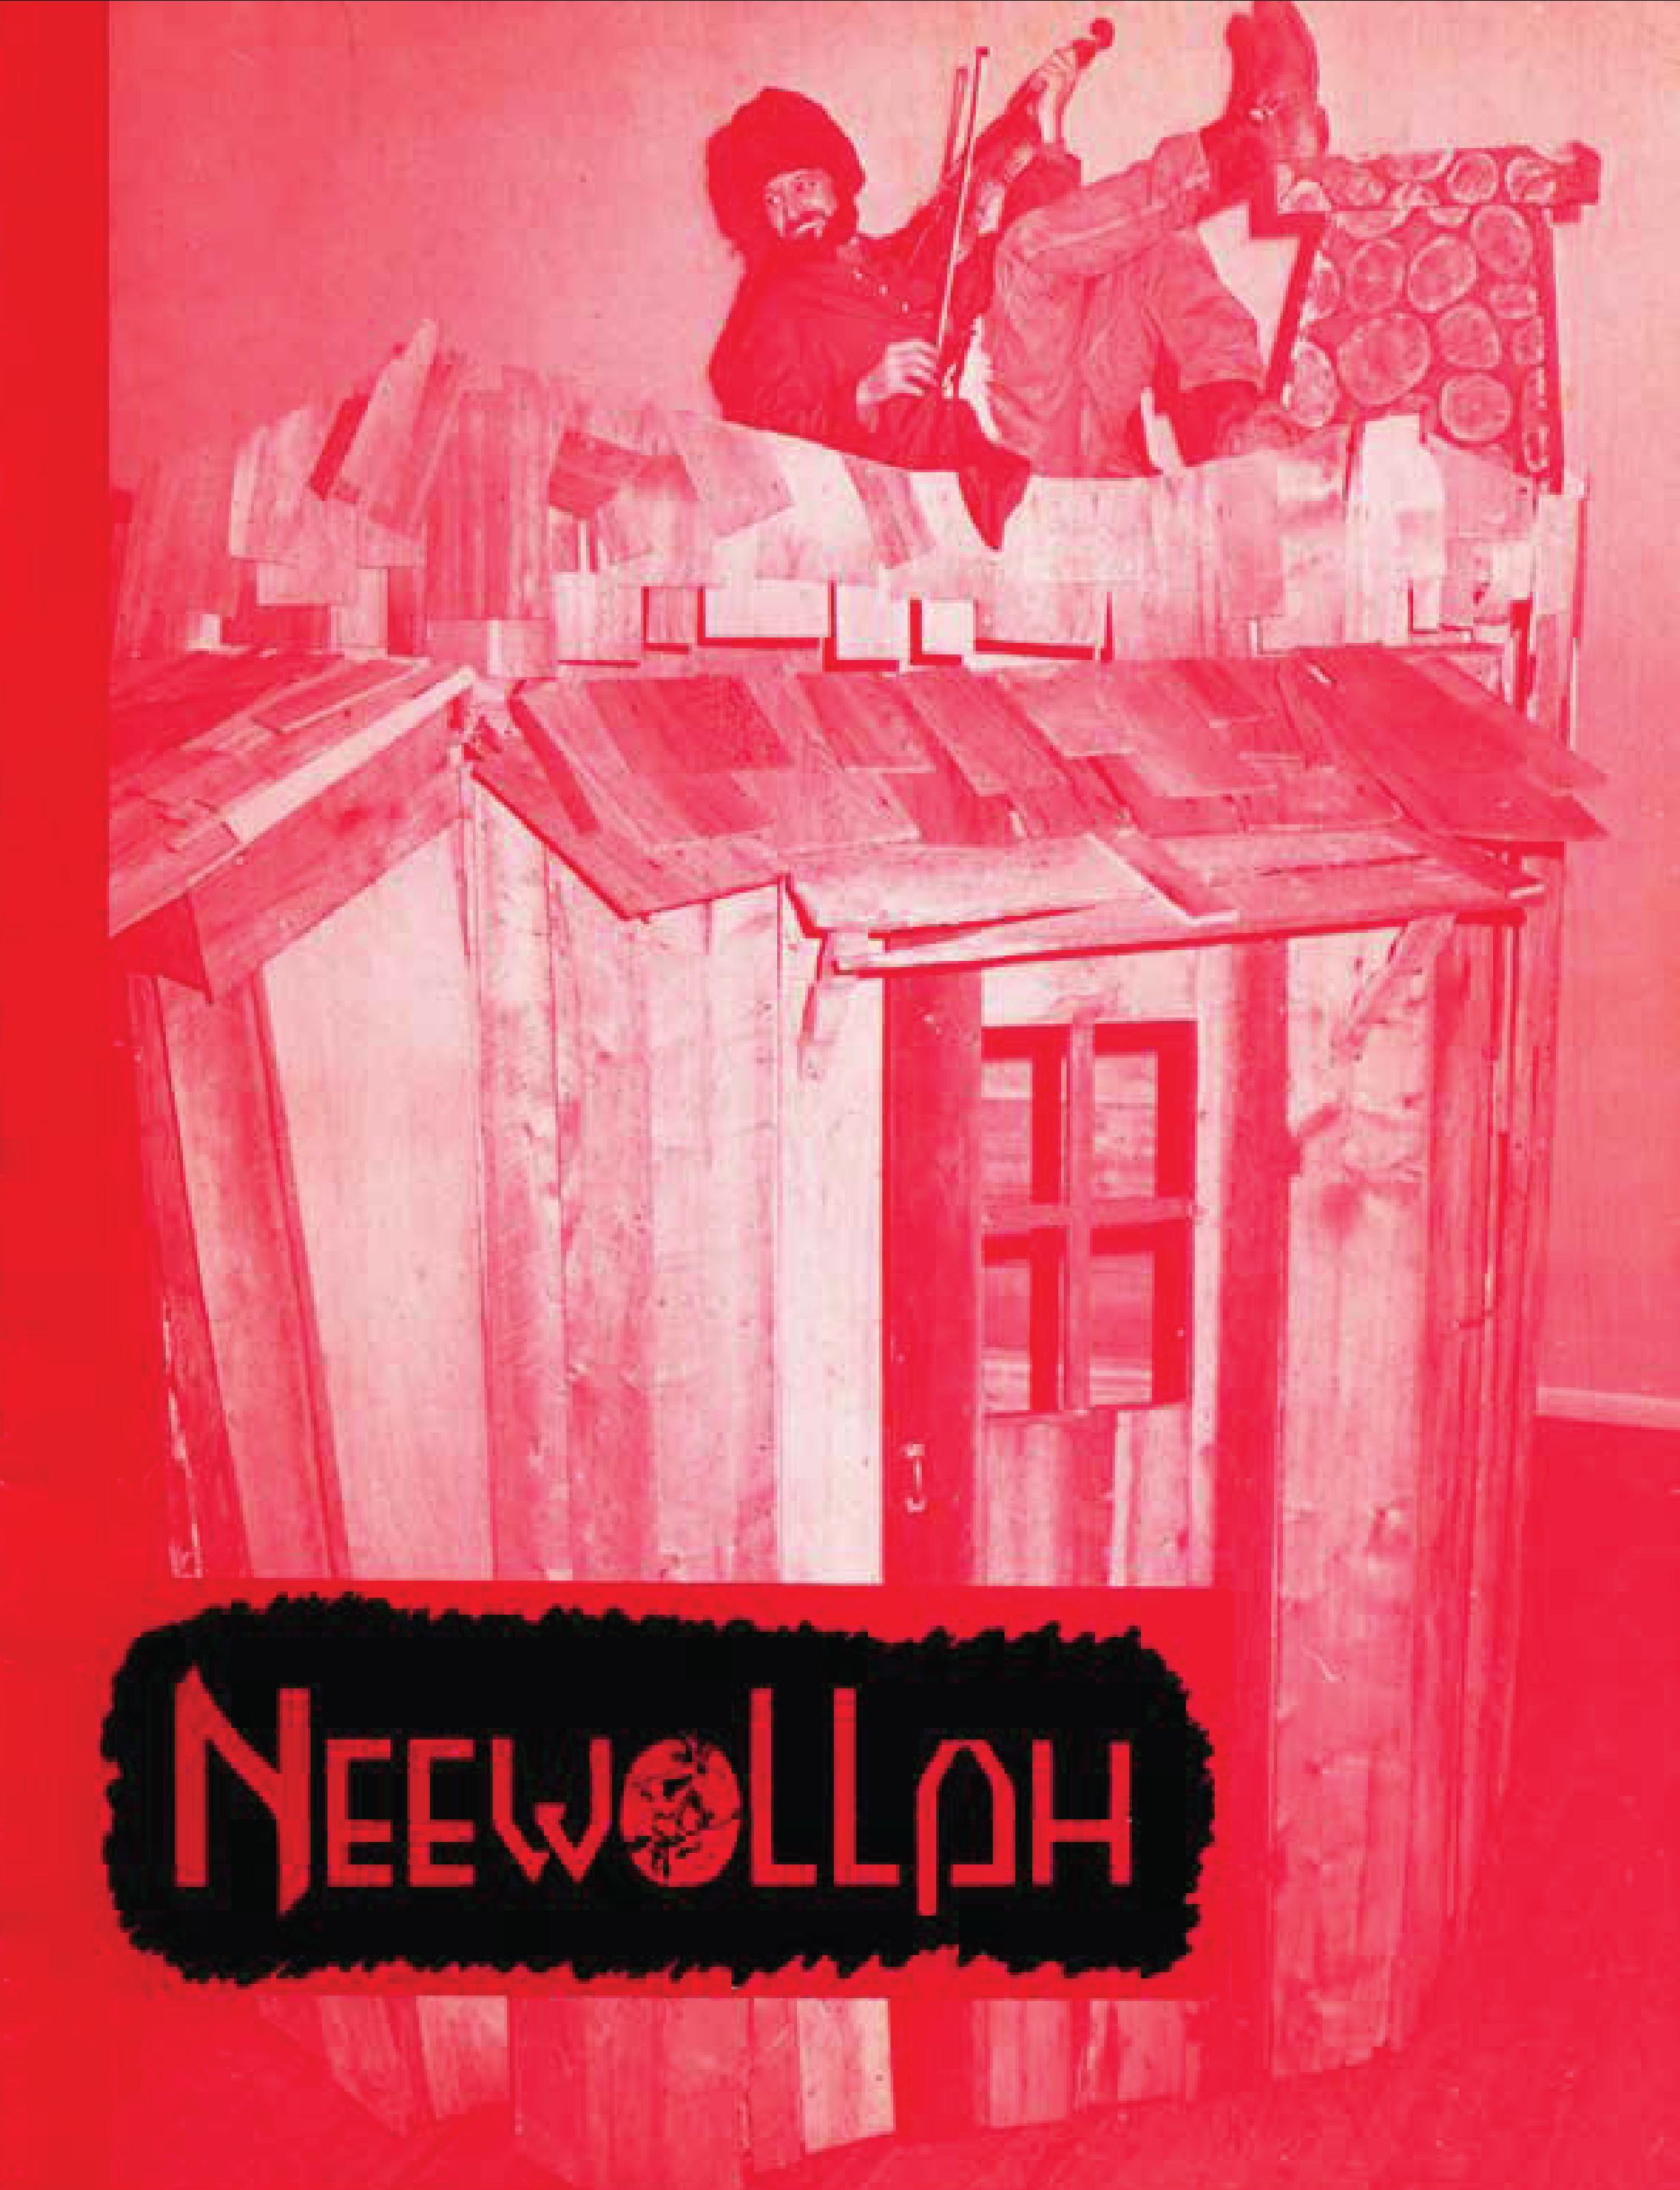 Neewollah 1972